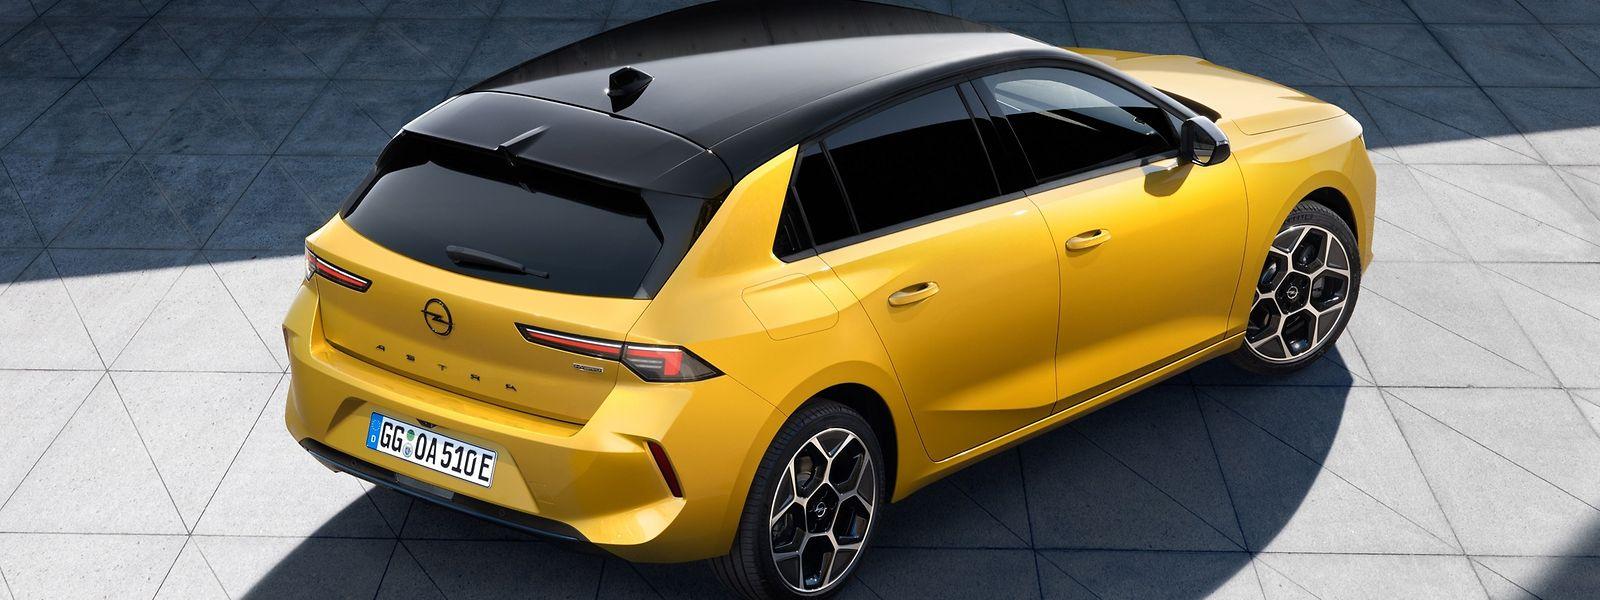 Als Benziner, Diesel, Plug-in-Hybrid und ab 2023 auch vollelektrisch: der neue Opel Astra.